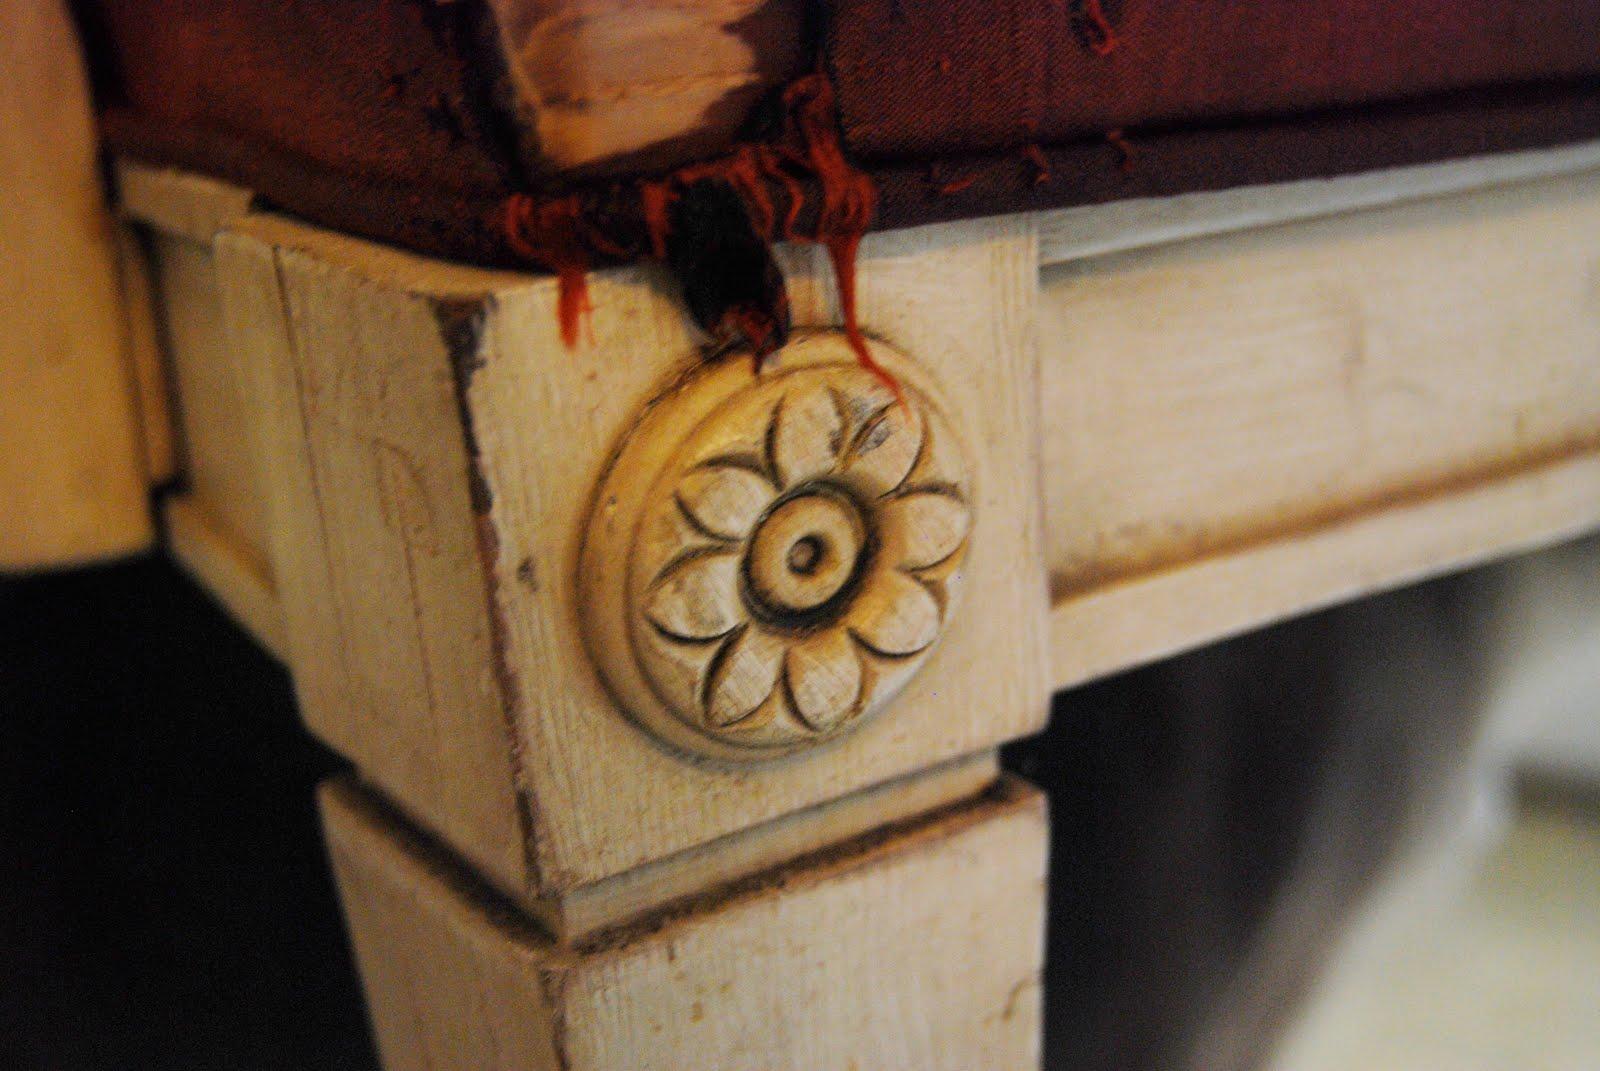 http://2.bp.blogspot.com/_H5TZwiXSfr4/THL6jUnsfzI/AAAAAAAABx0/wEIraR7-lPY/s1600/chair%252B3.jpg